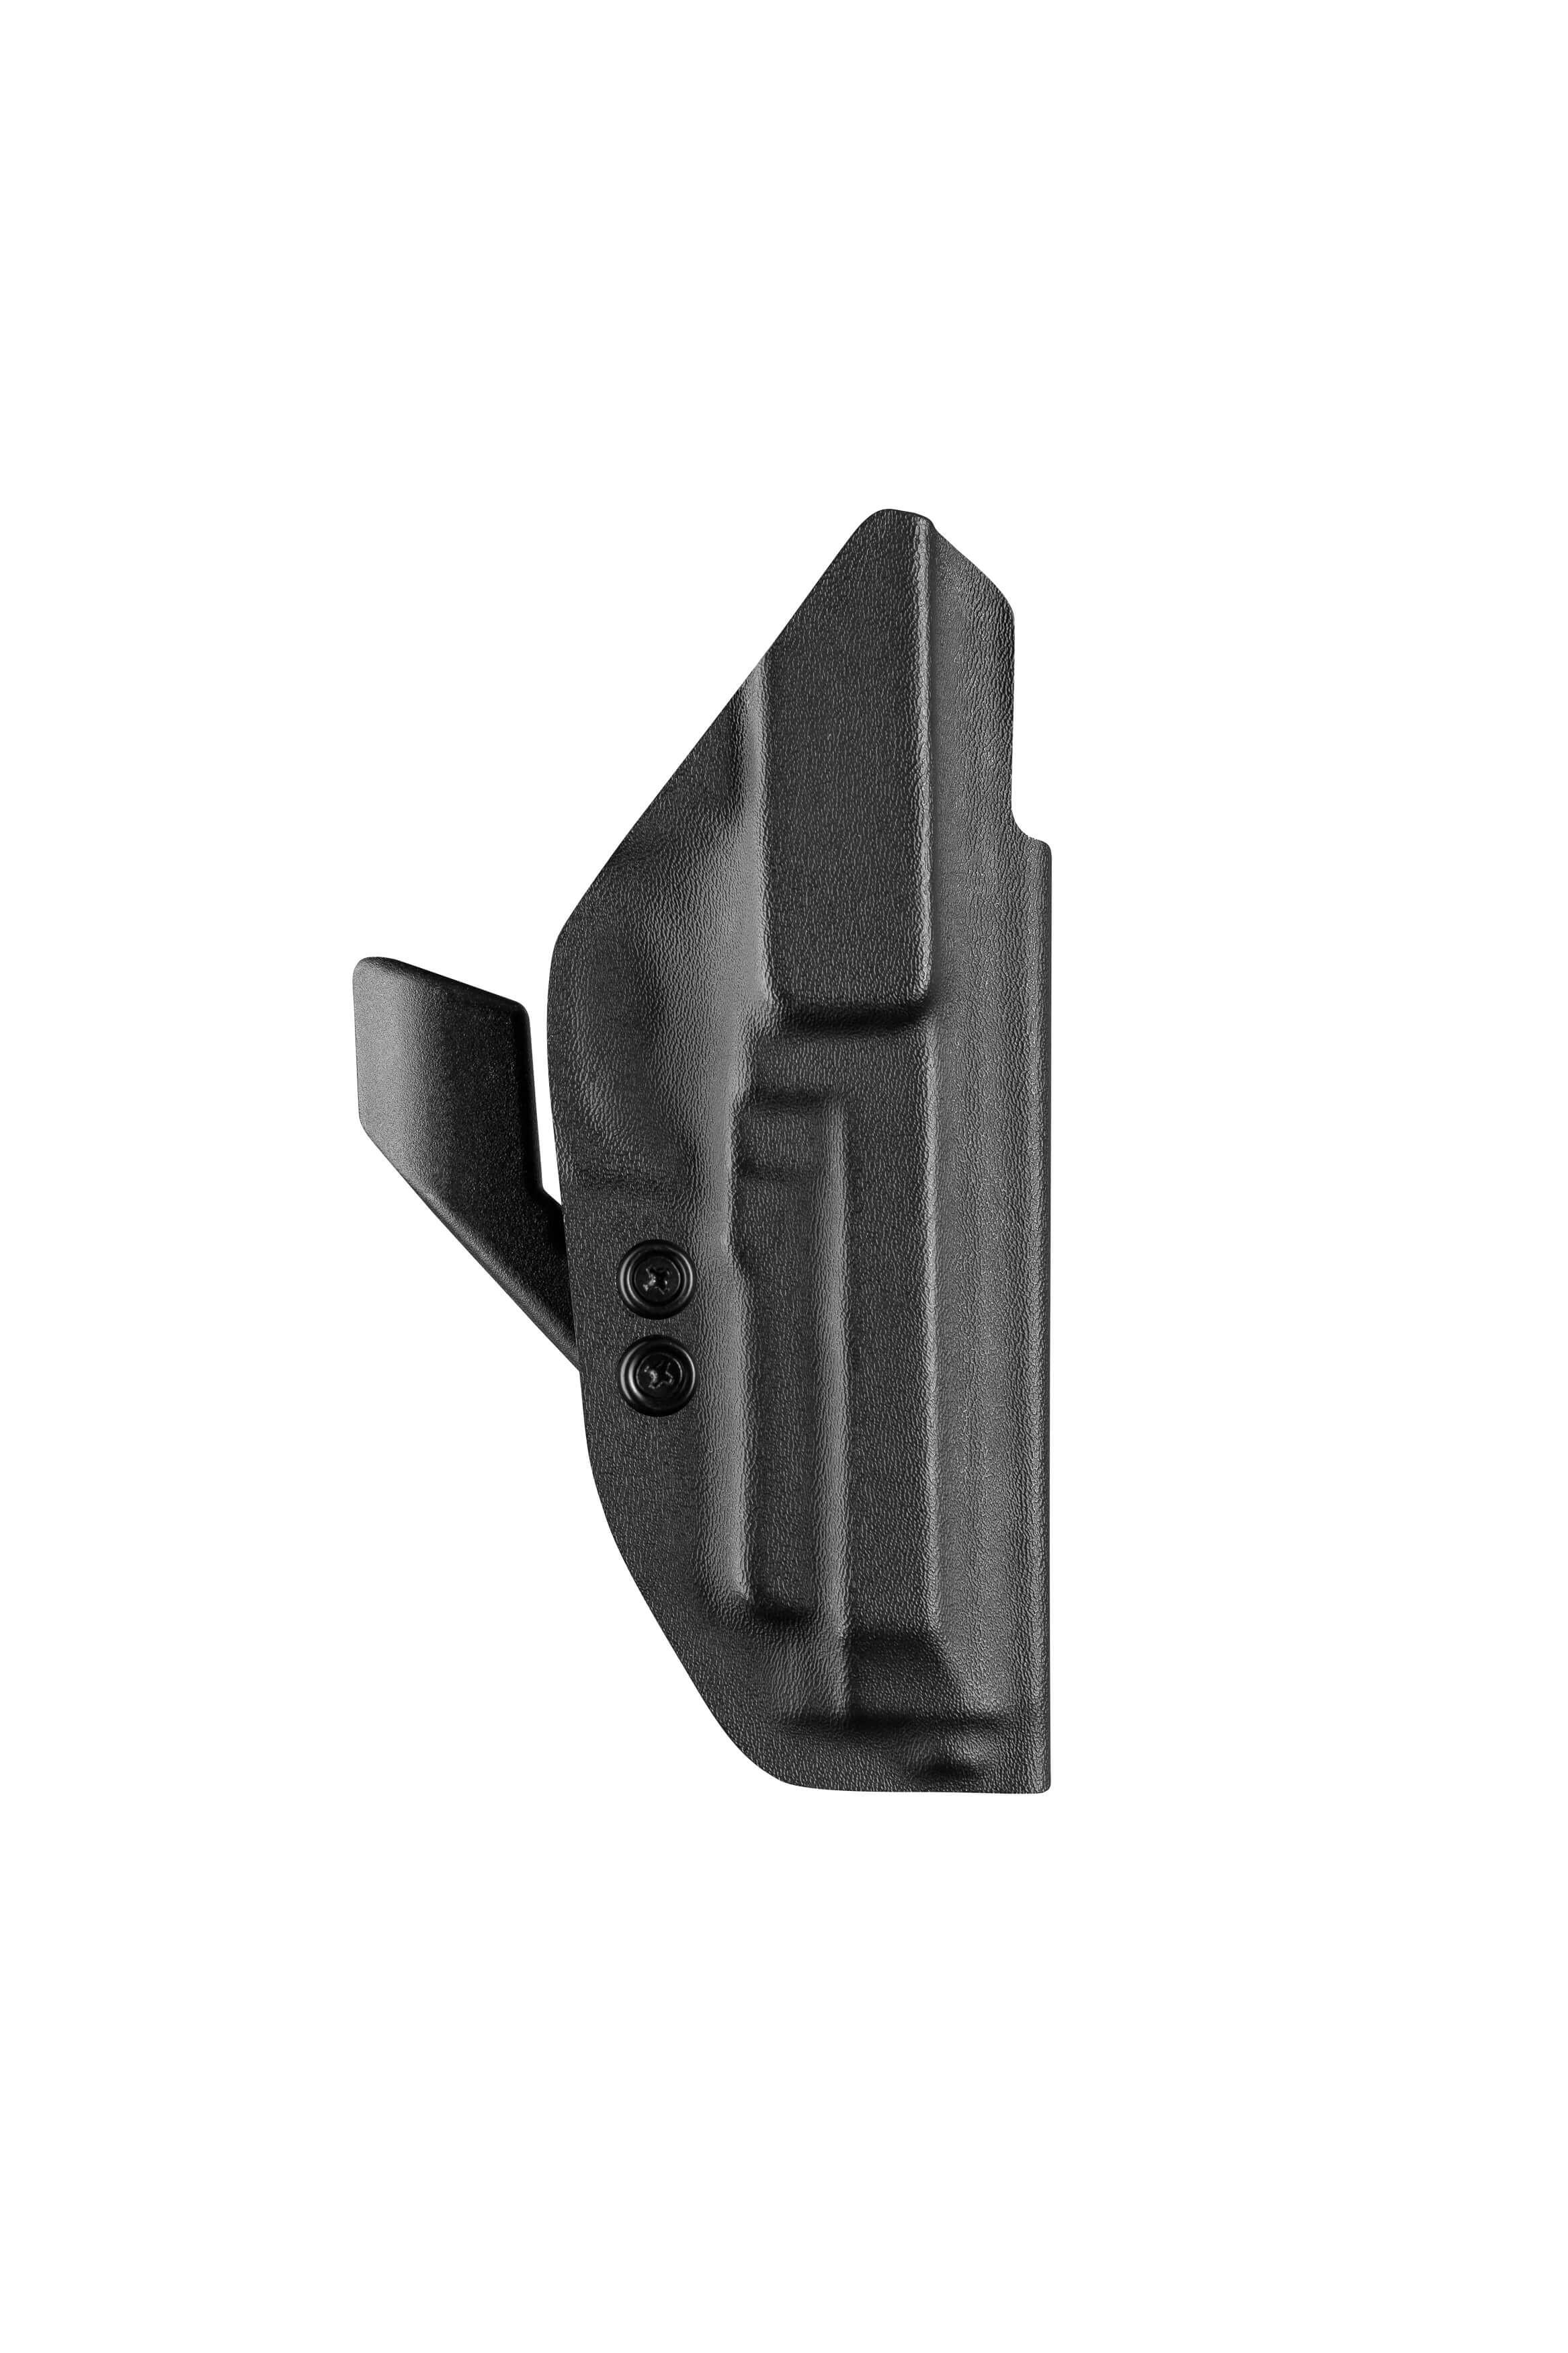 Coldre Kydex para Plataforma Taurus Iwb Canhoto SÉRIE 100